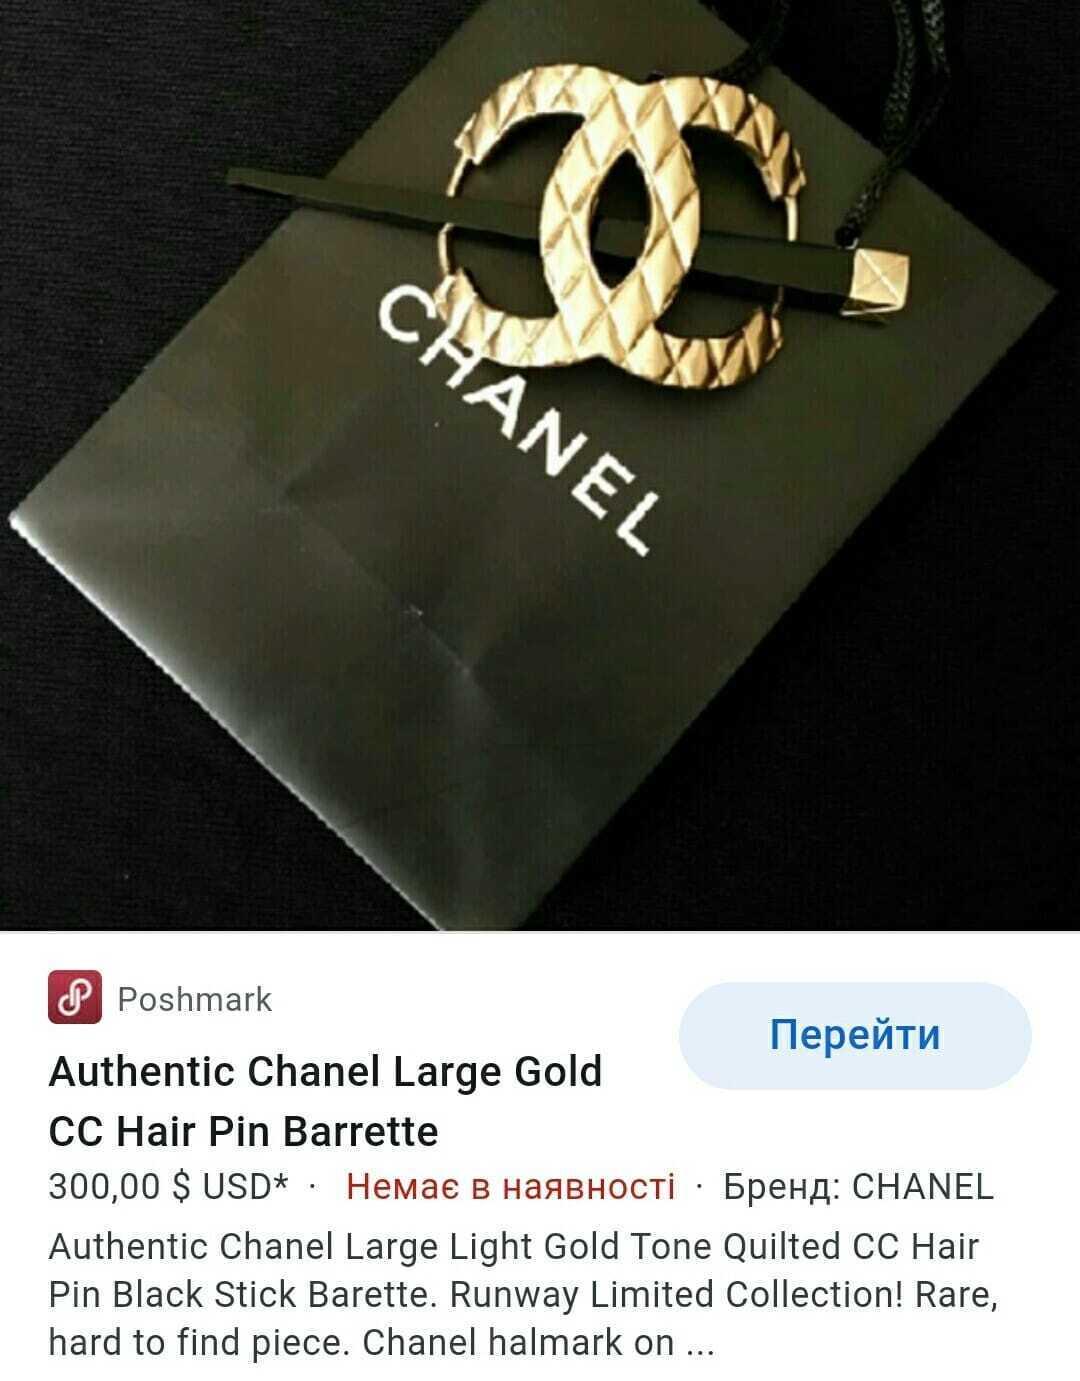 Шпилька Chanel, у якій прийшла нардеп.